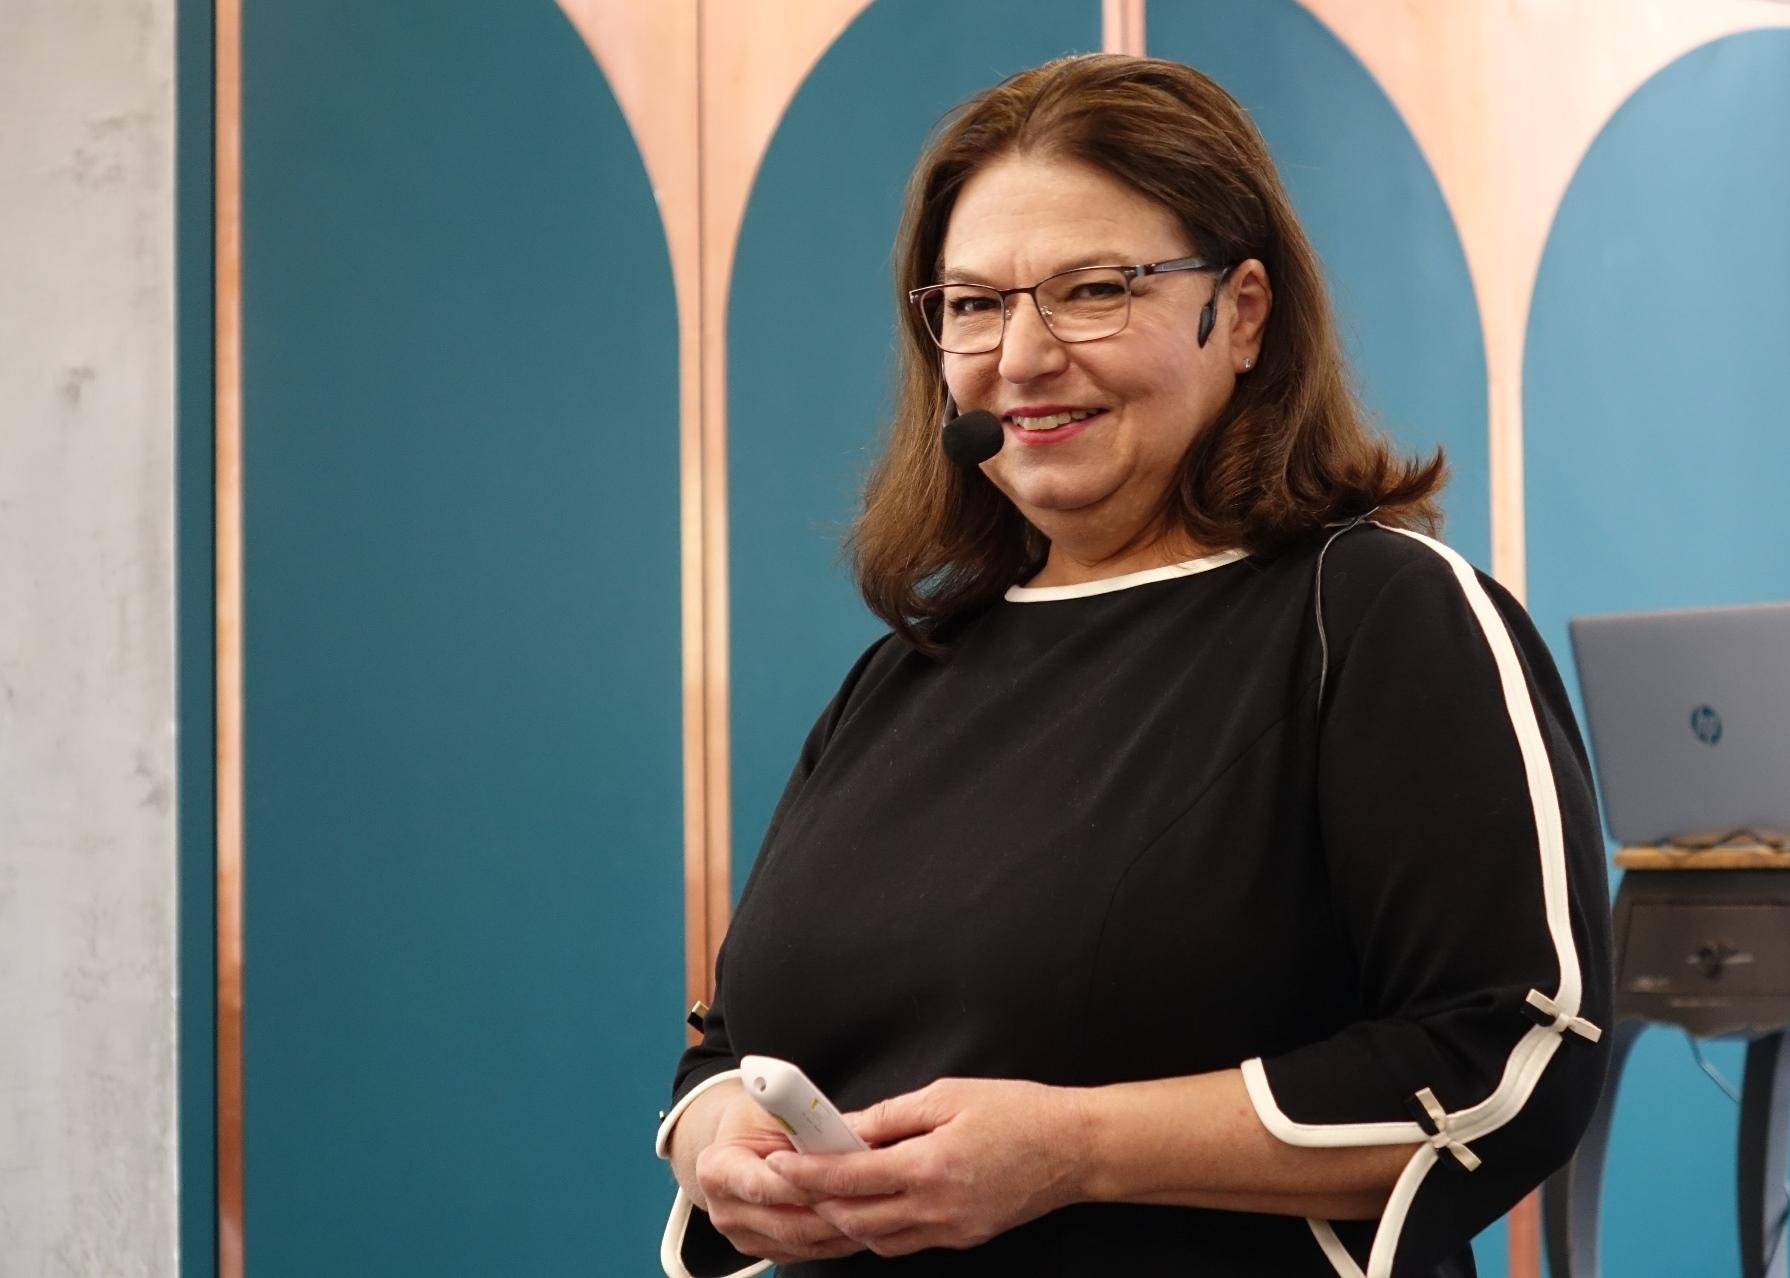 Nancy Bockskor 23